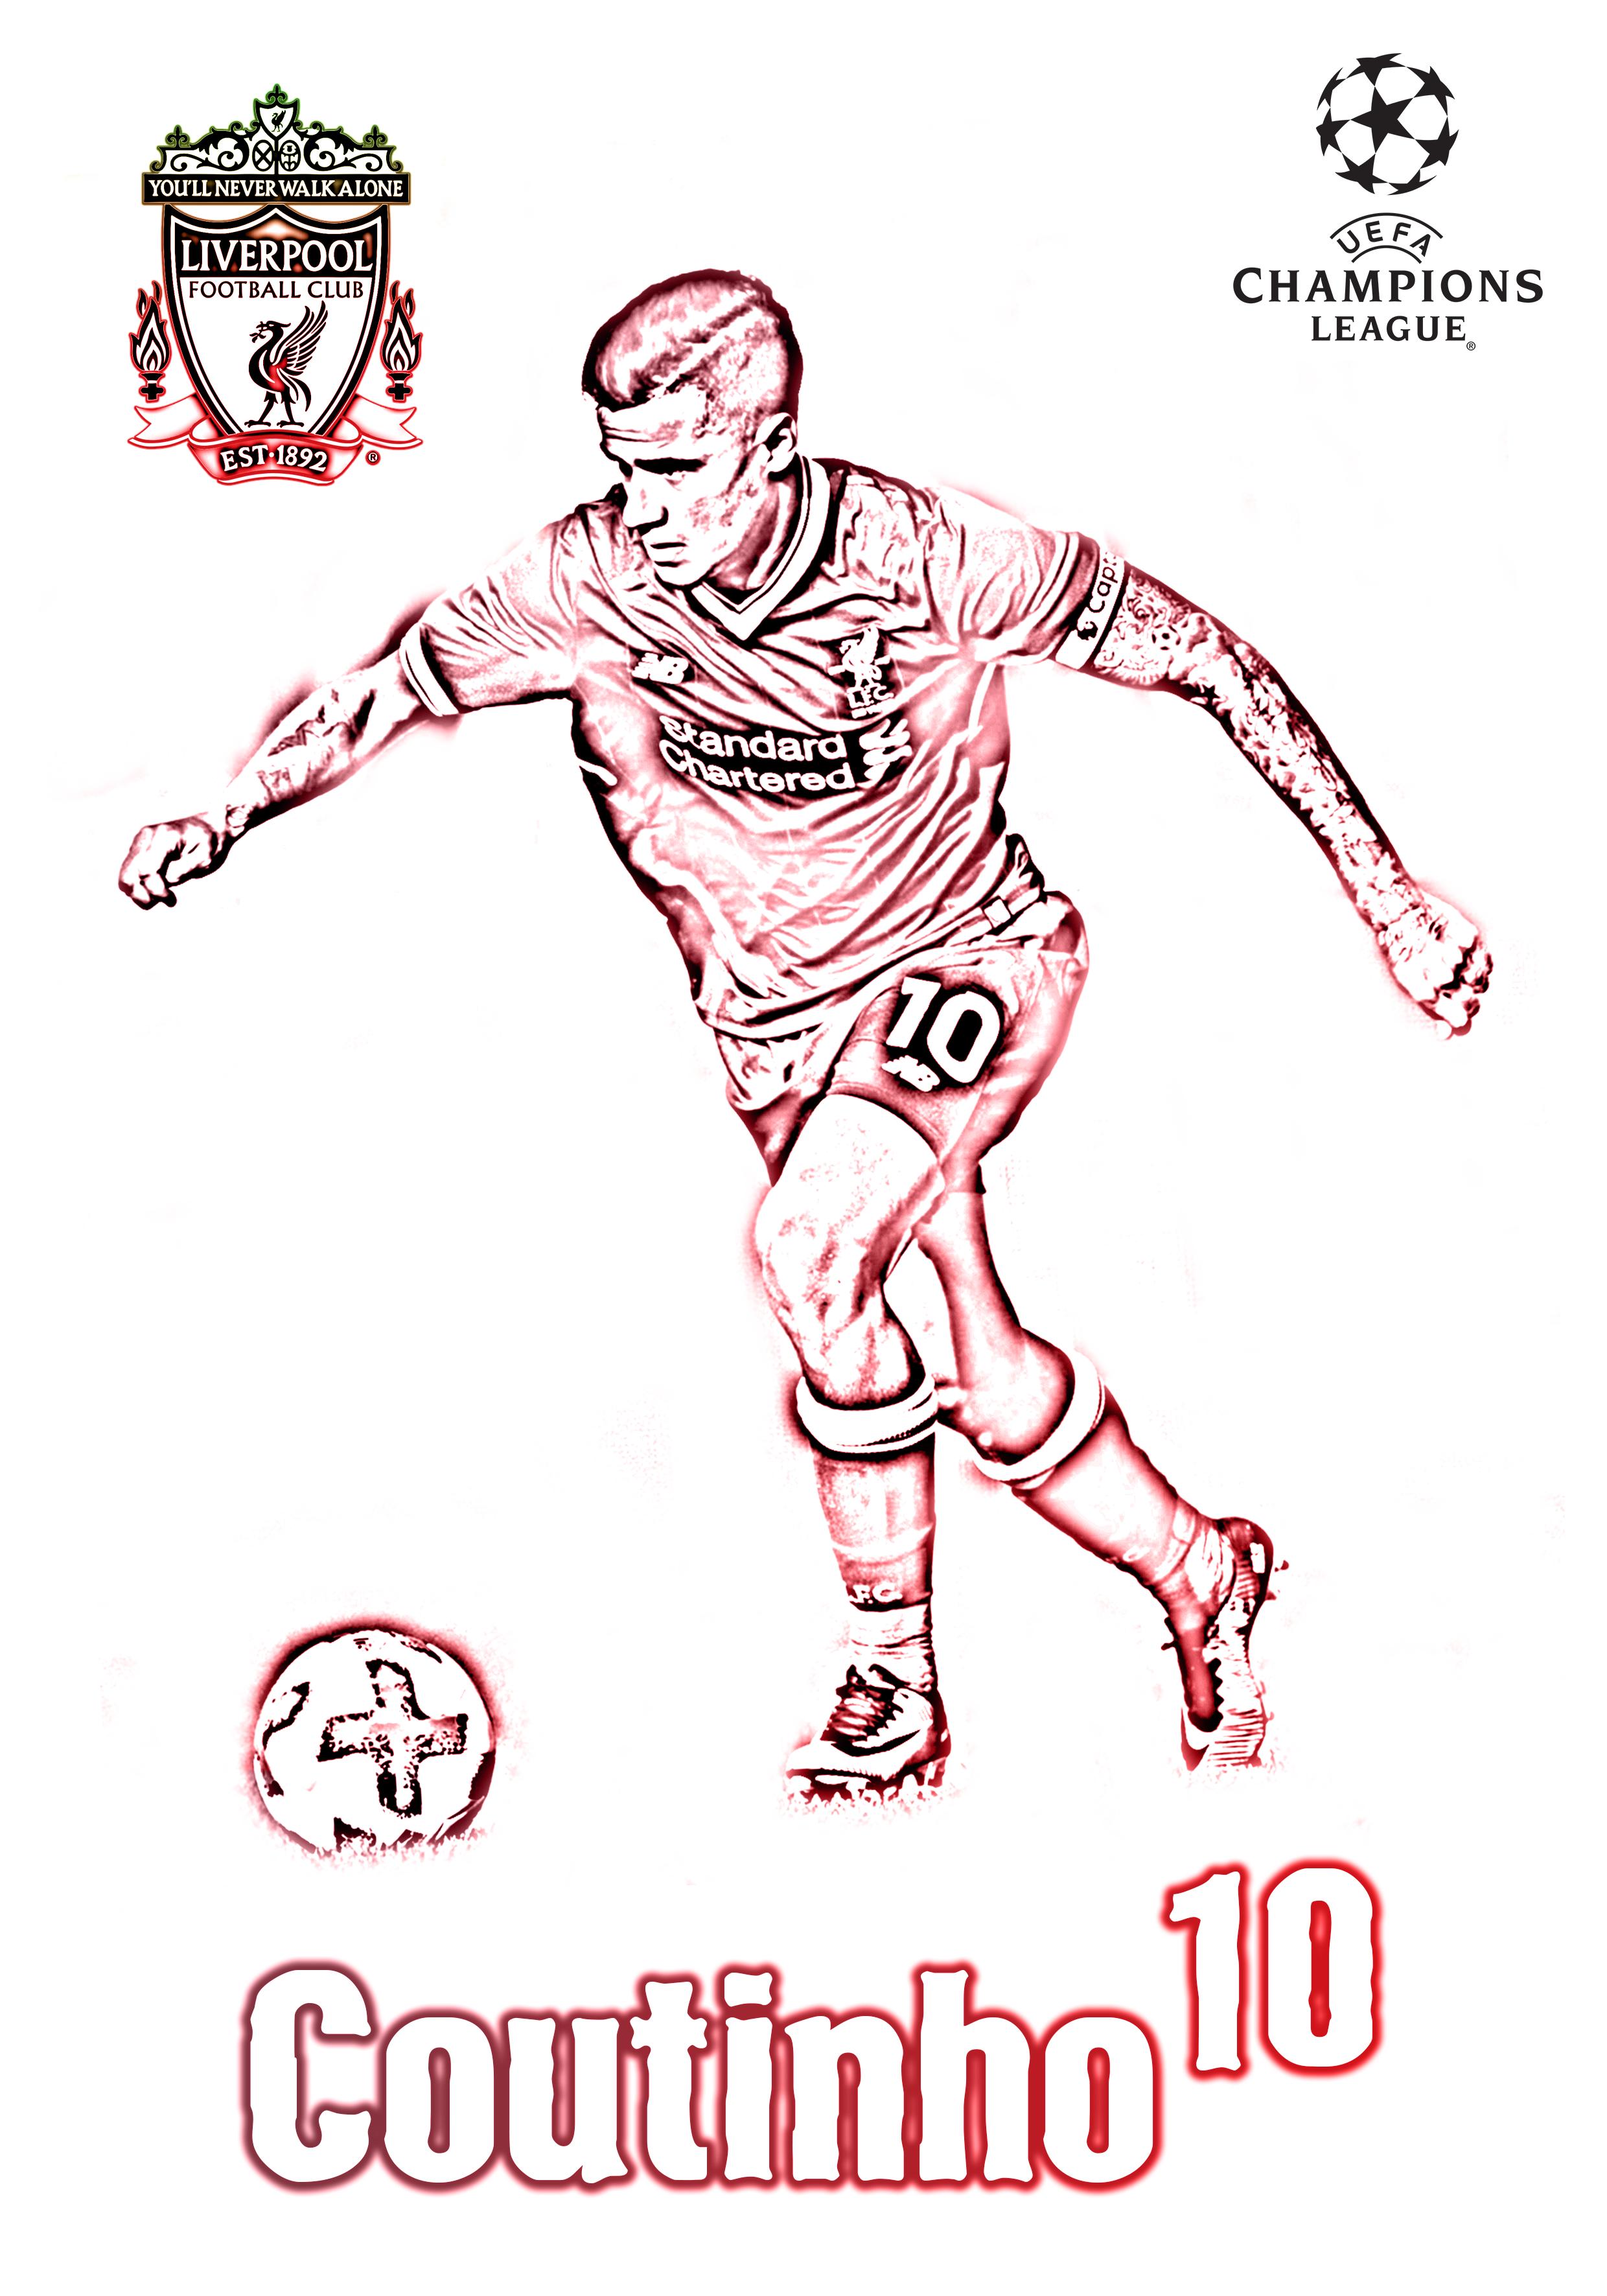 Coutinho Liverpool Champions League 2017 18 Bob Calligaris Champions League Liverpool Champions League Soccer Kits